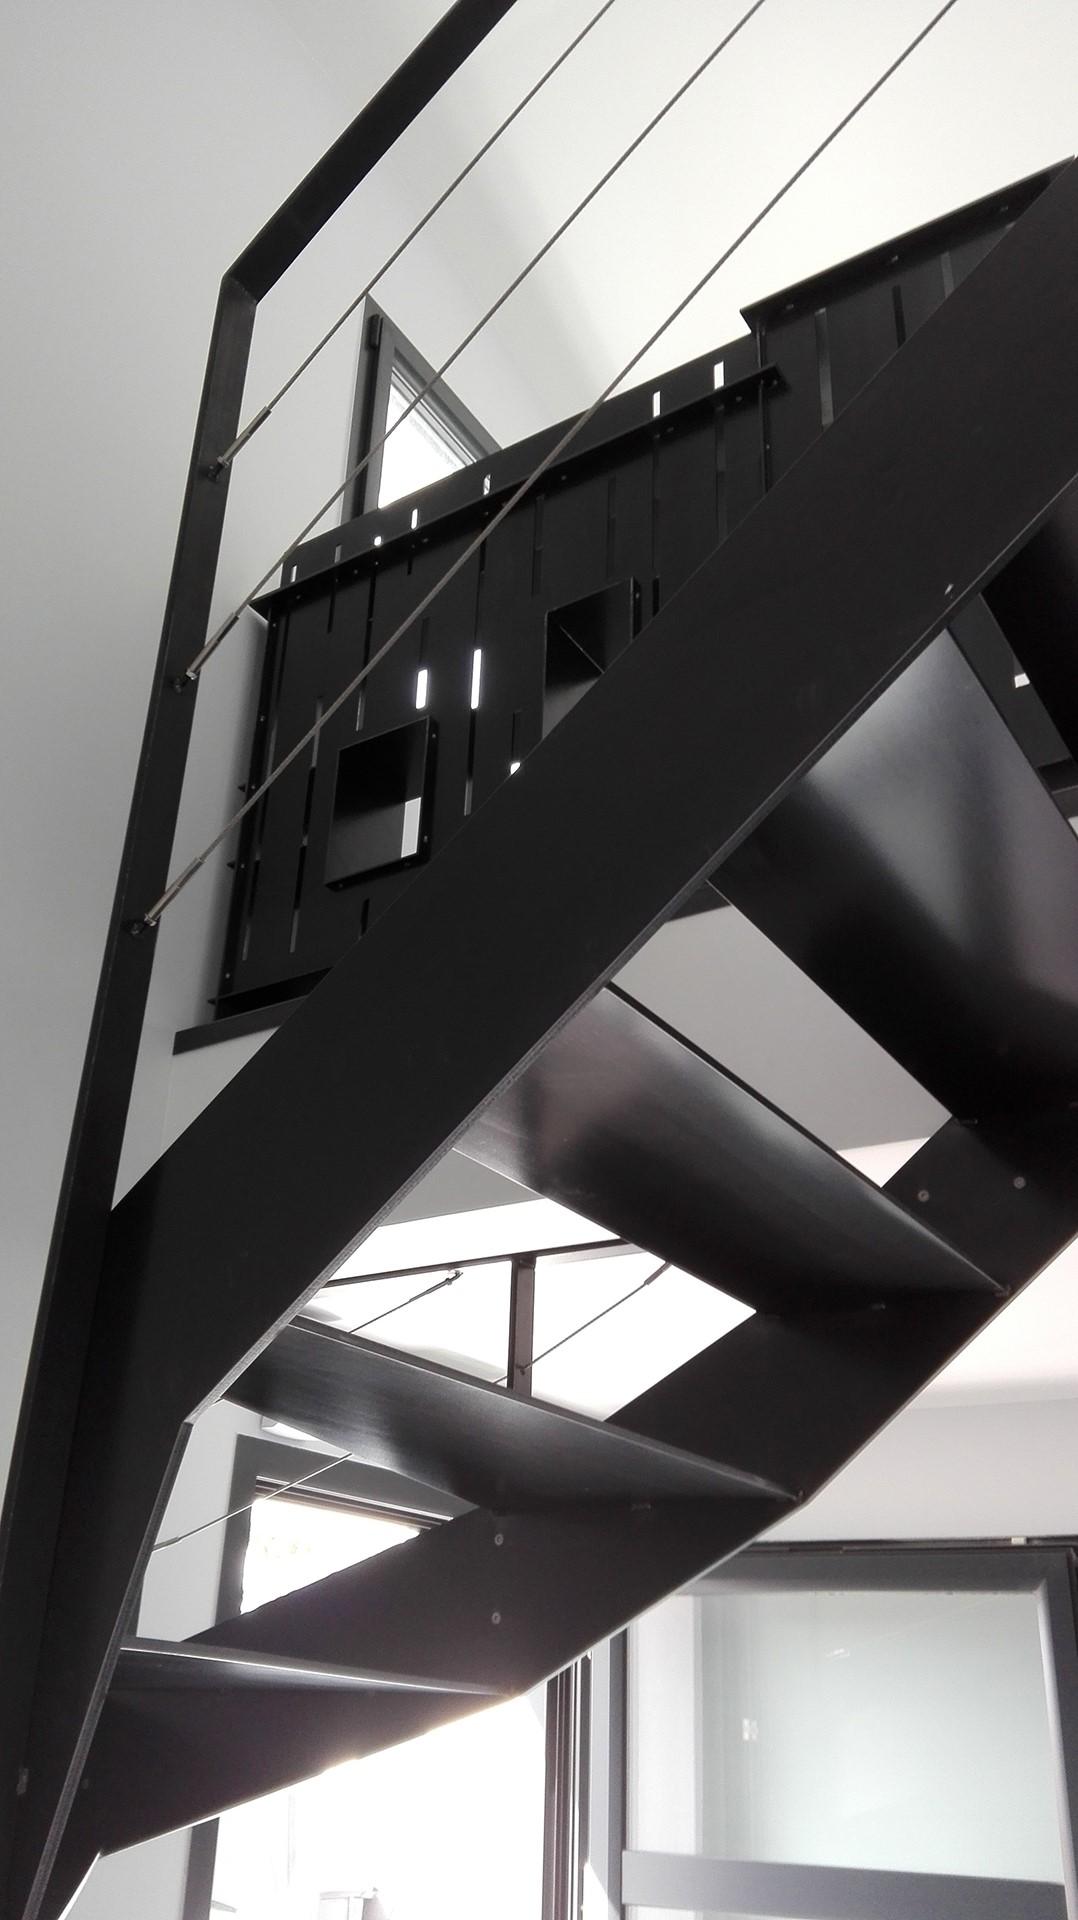 Escalier design demi tournant et garde-corps en acier, meuble garde-corps en acier, Savenay, steel contemporain